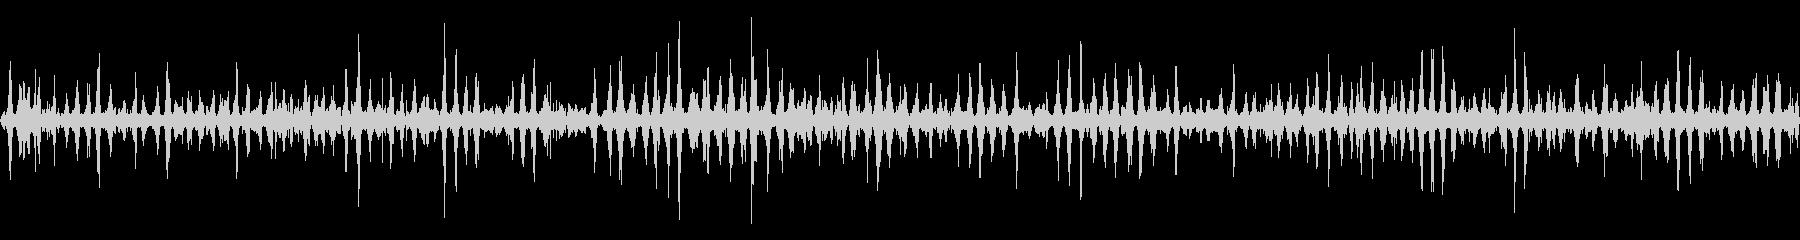 穏やかな波音(稲毛海岸)_02の未再生の波形